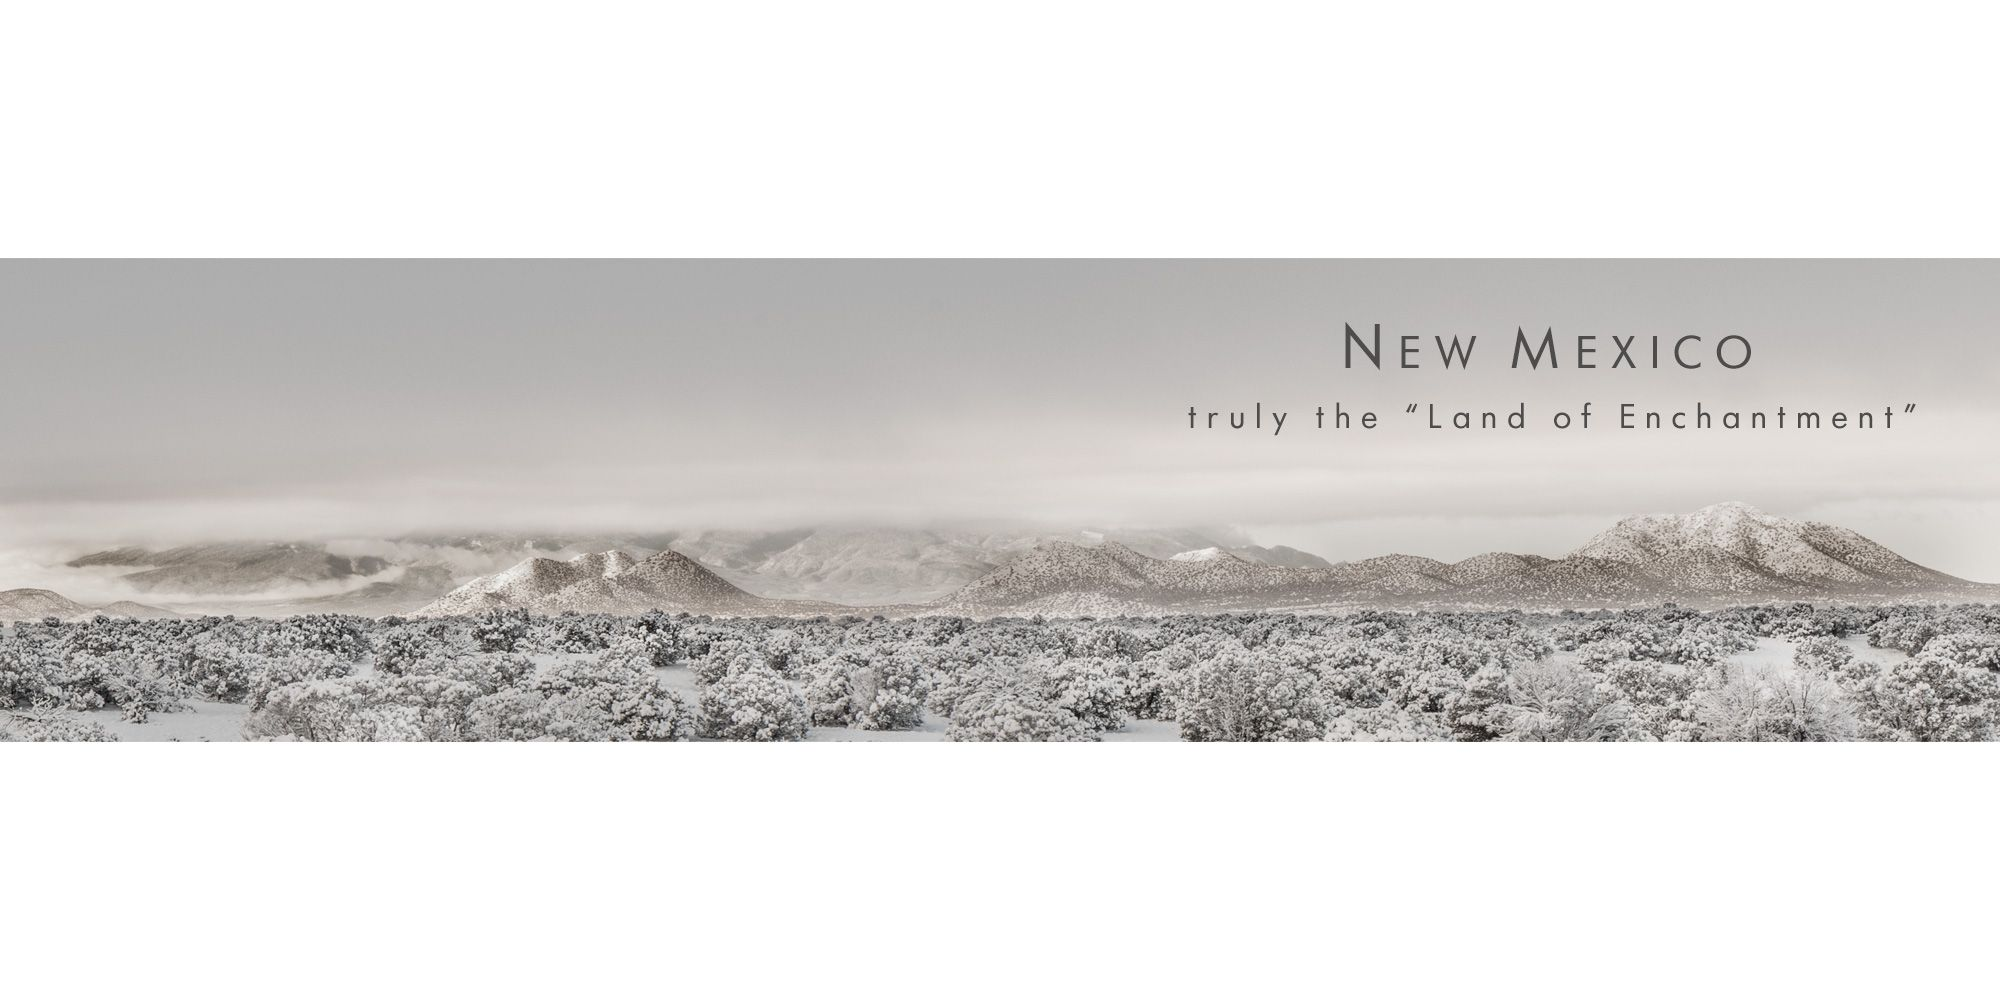 NewMexico_titlepage_v1.jpg